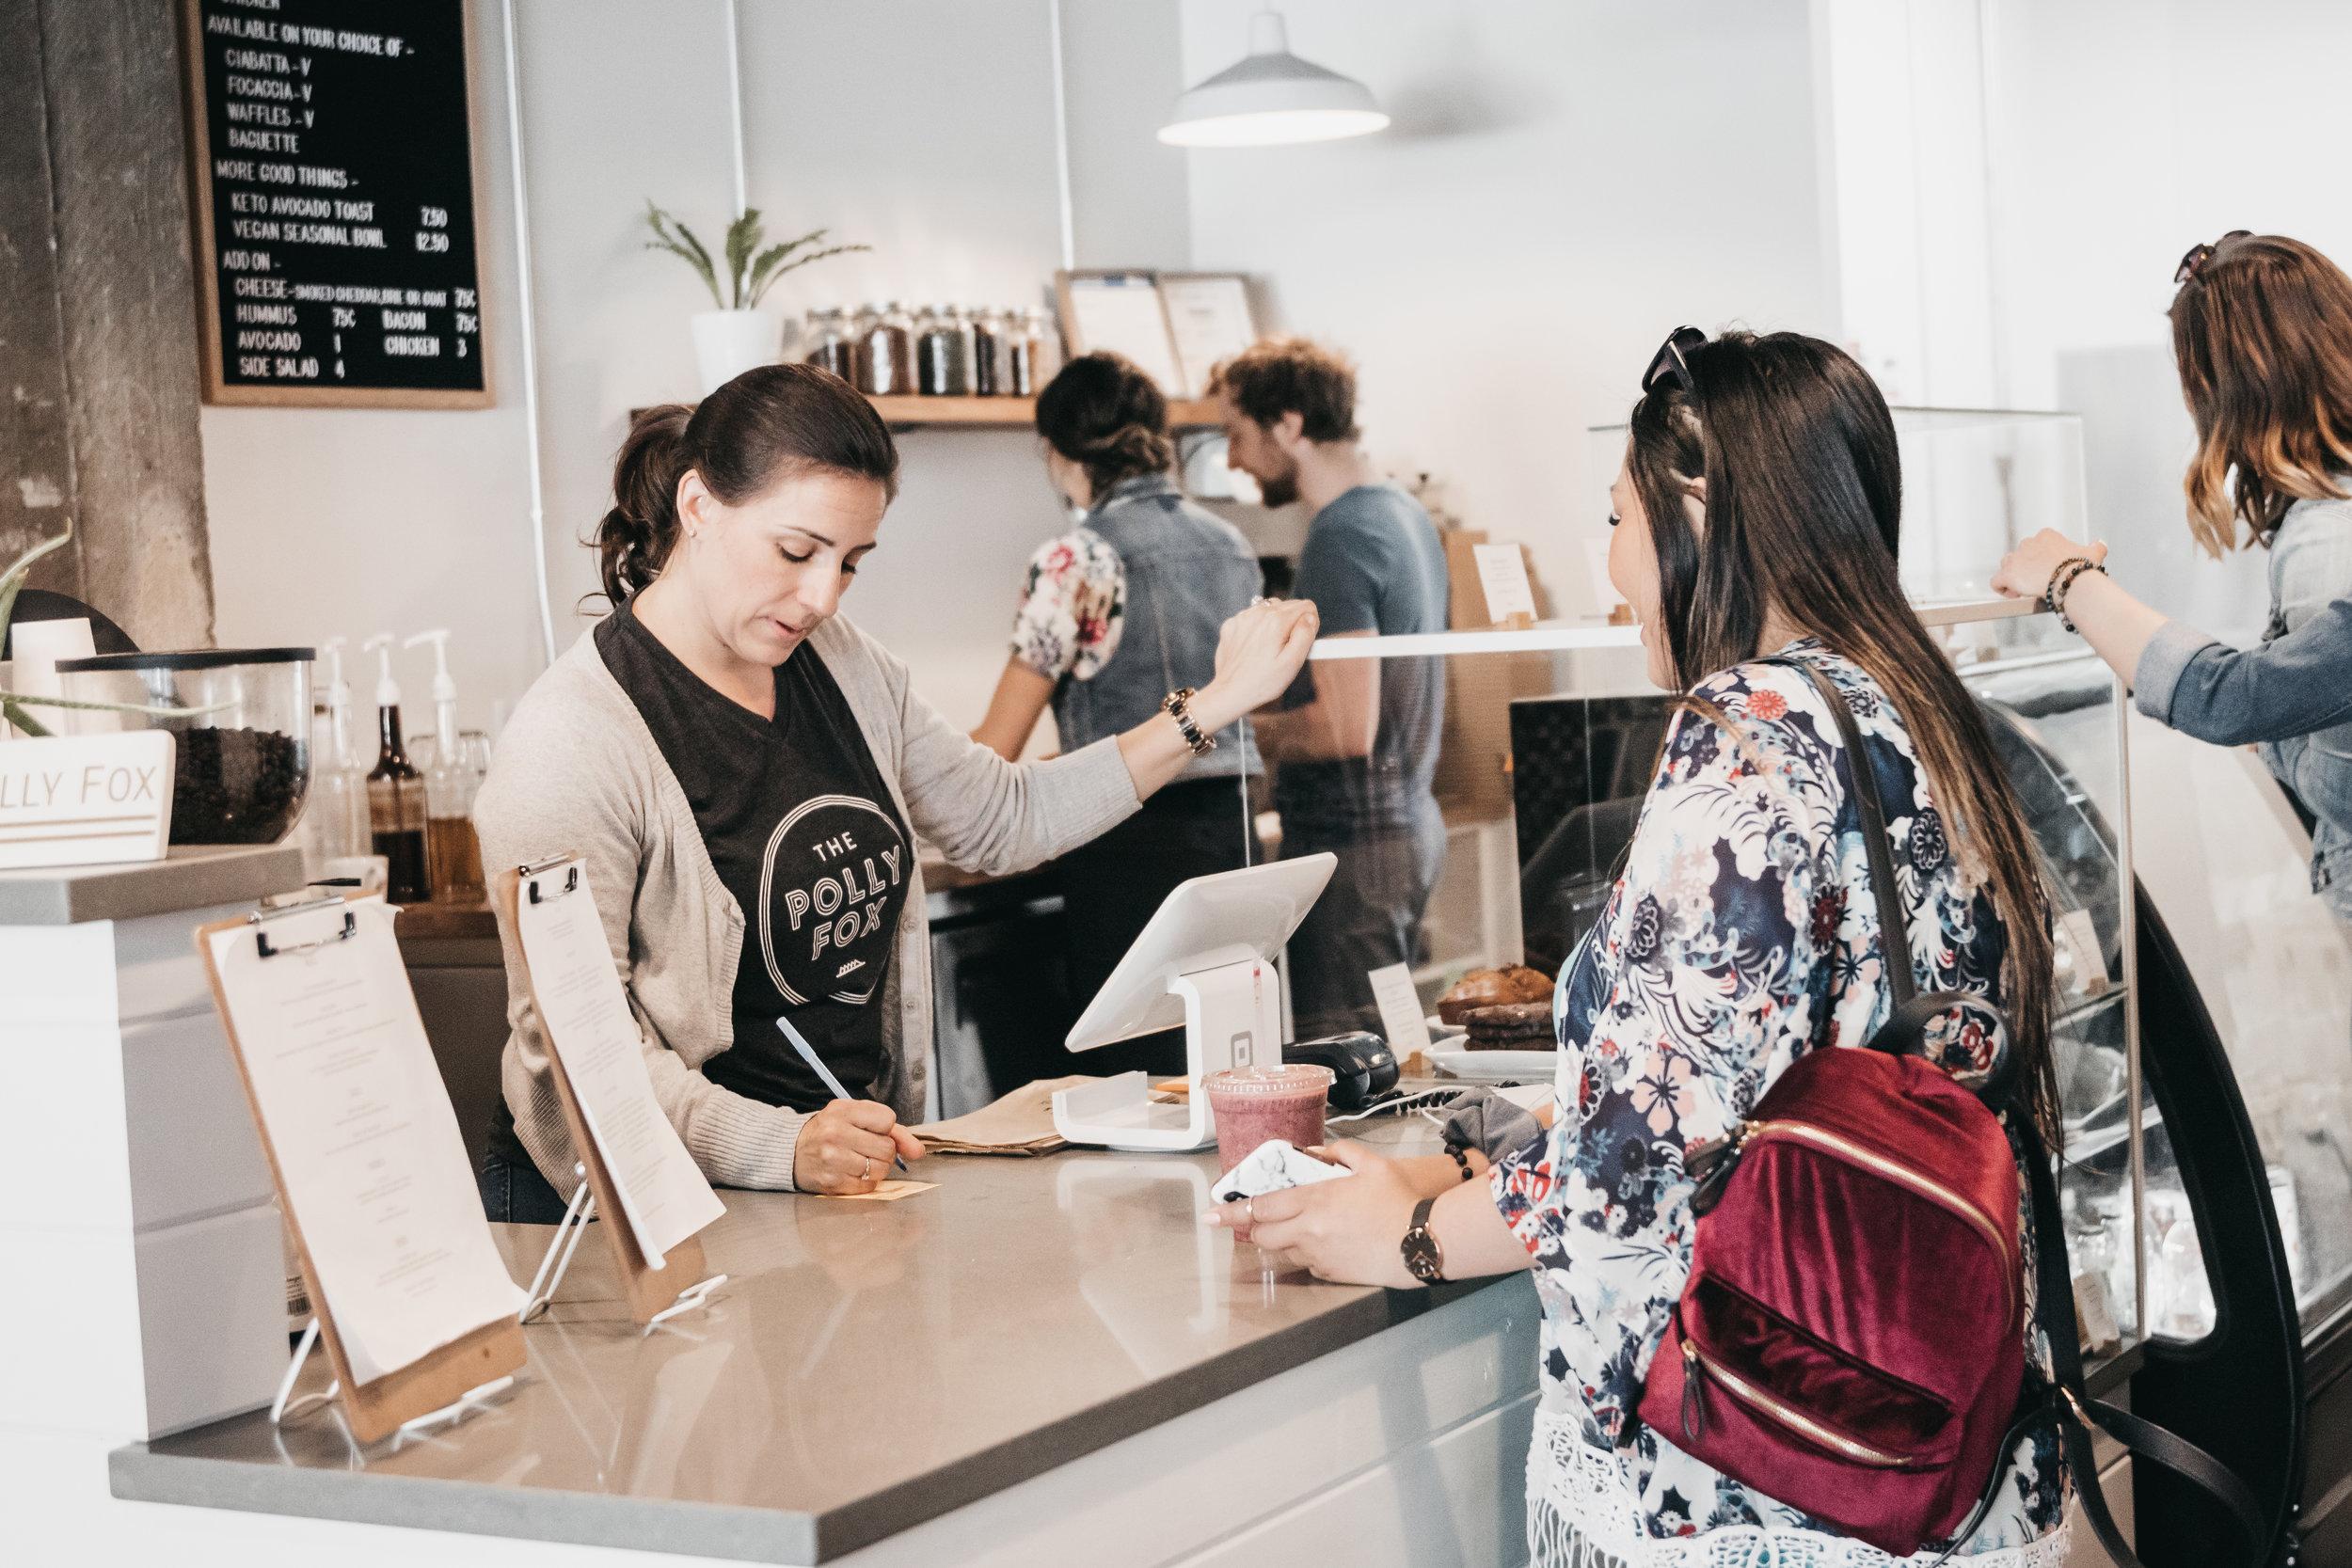 The Polly Fox Cafe & Bakery_Abbotsford_COAS | Photo by Nicole Constante.jpg